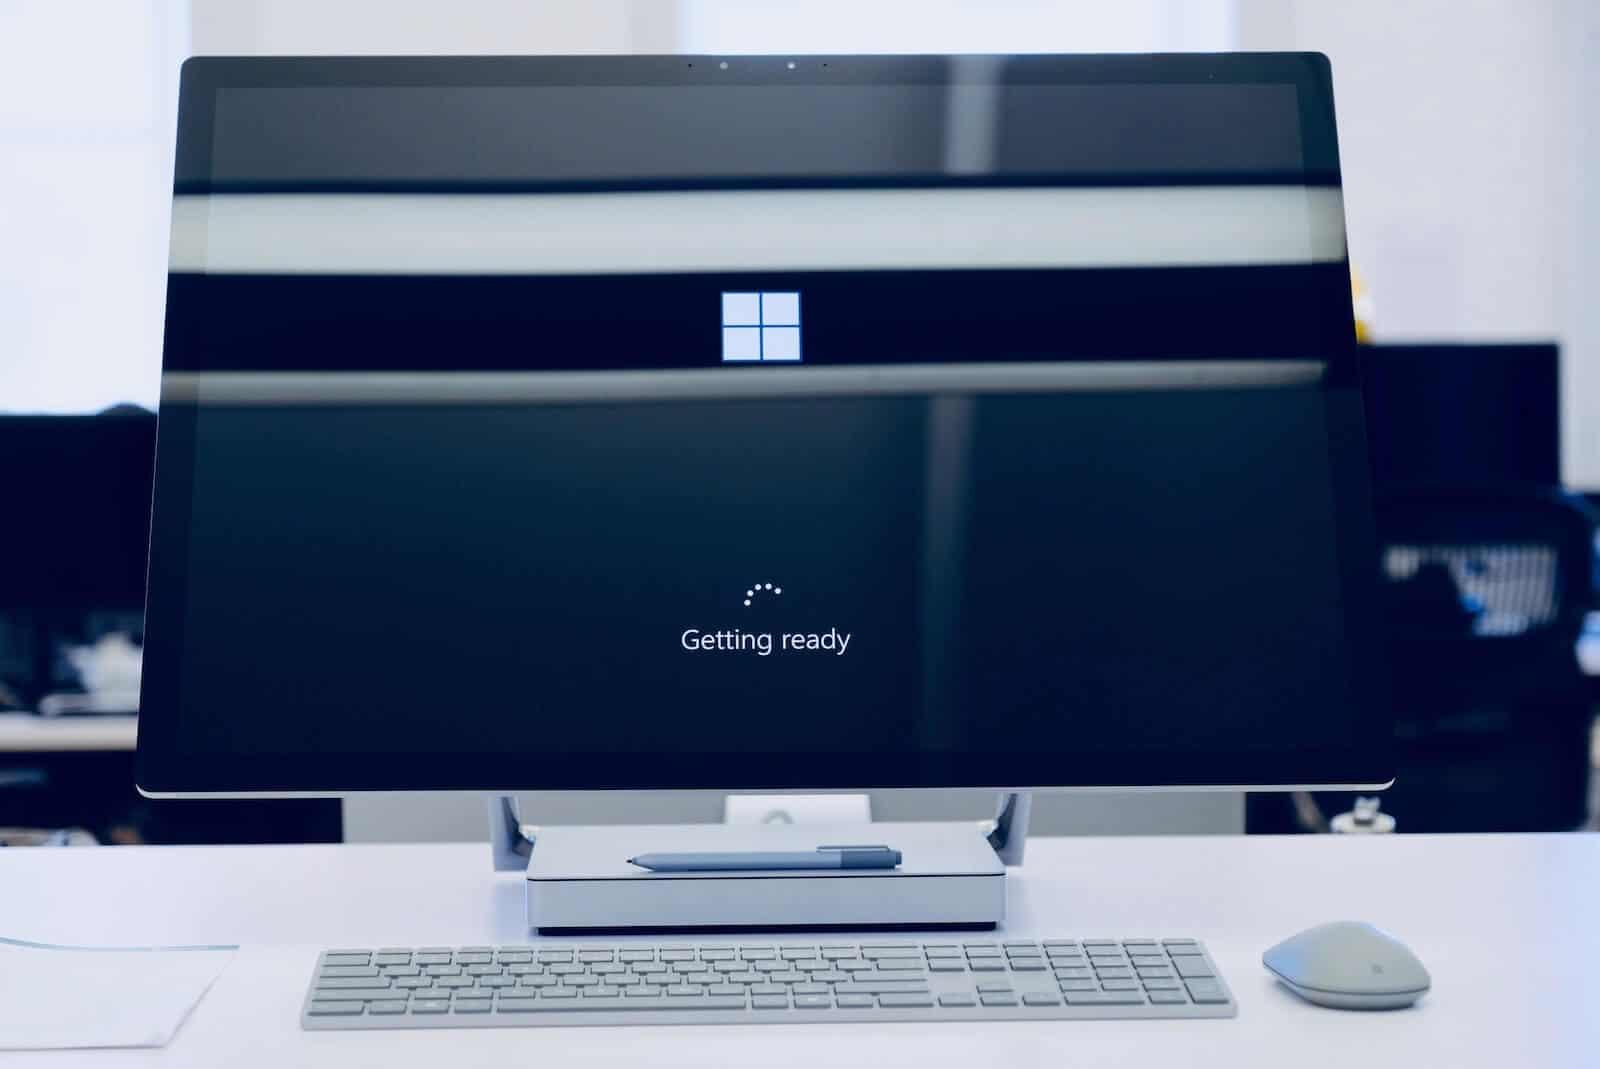 como desinstalar un programa en windows 10